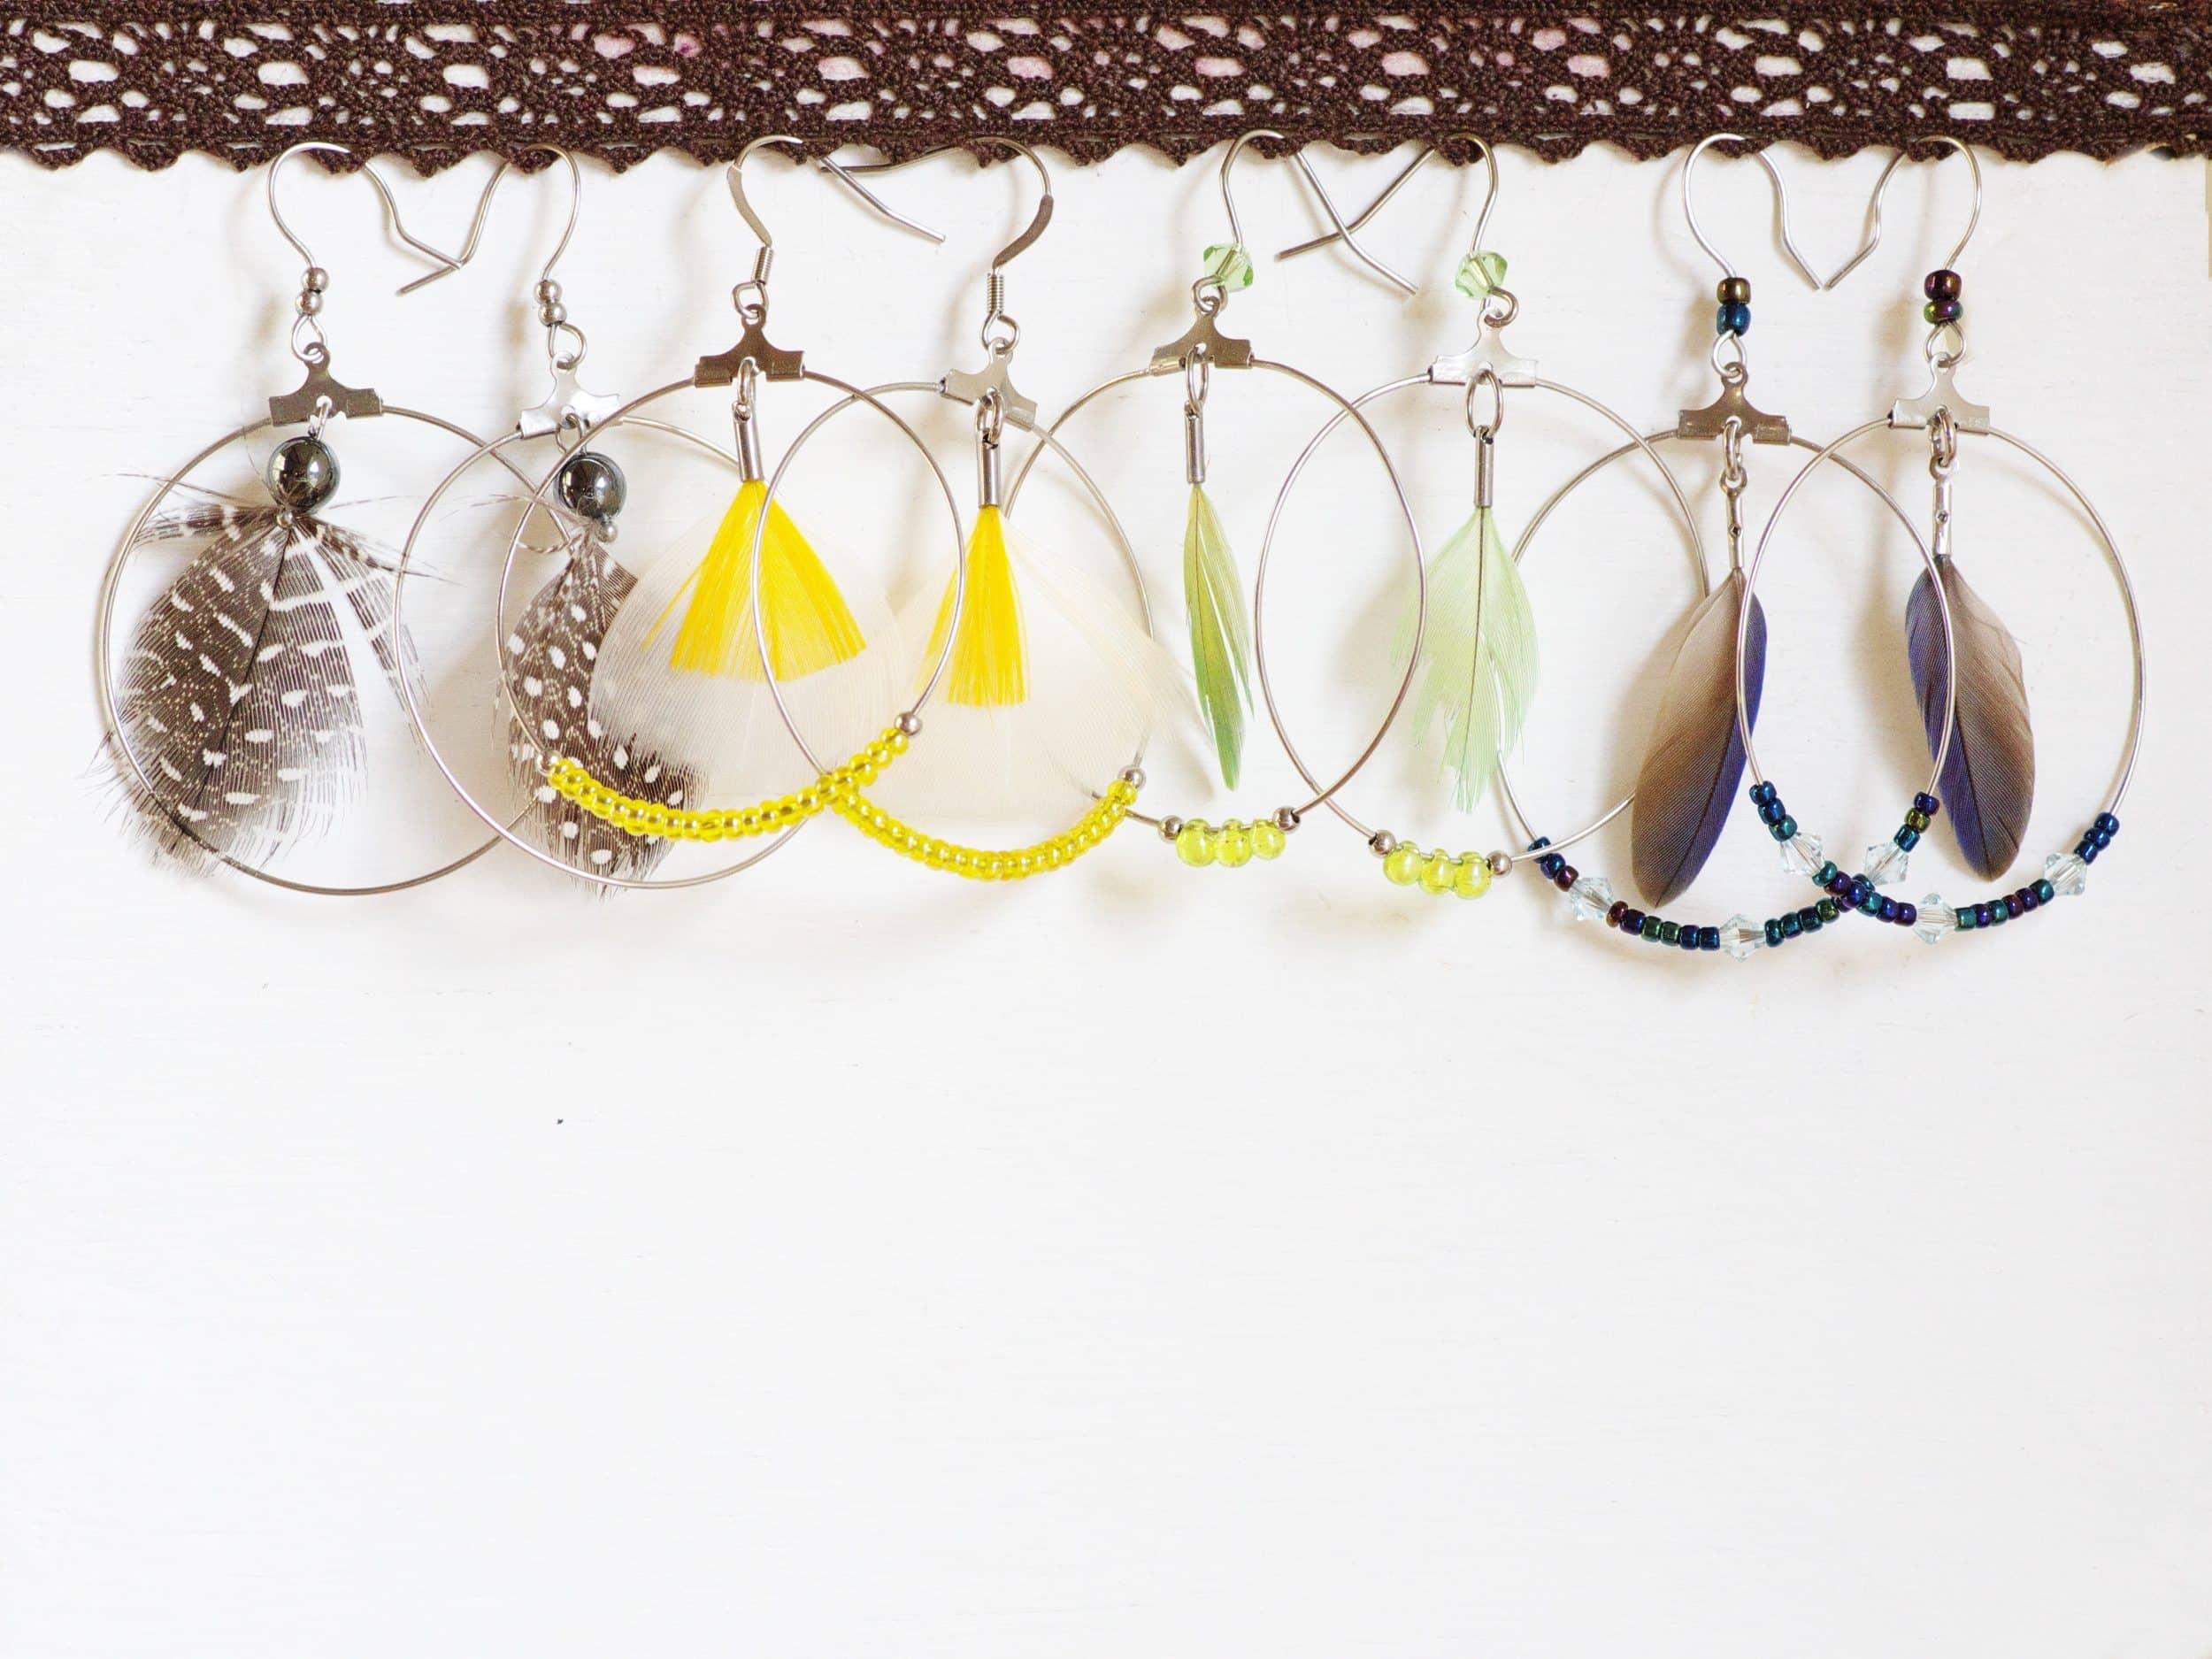 une série de boucles d'oreilles créoles et plumes